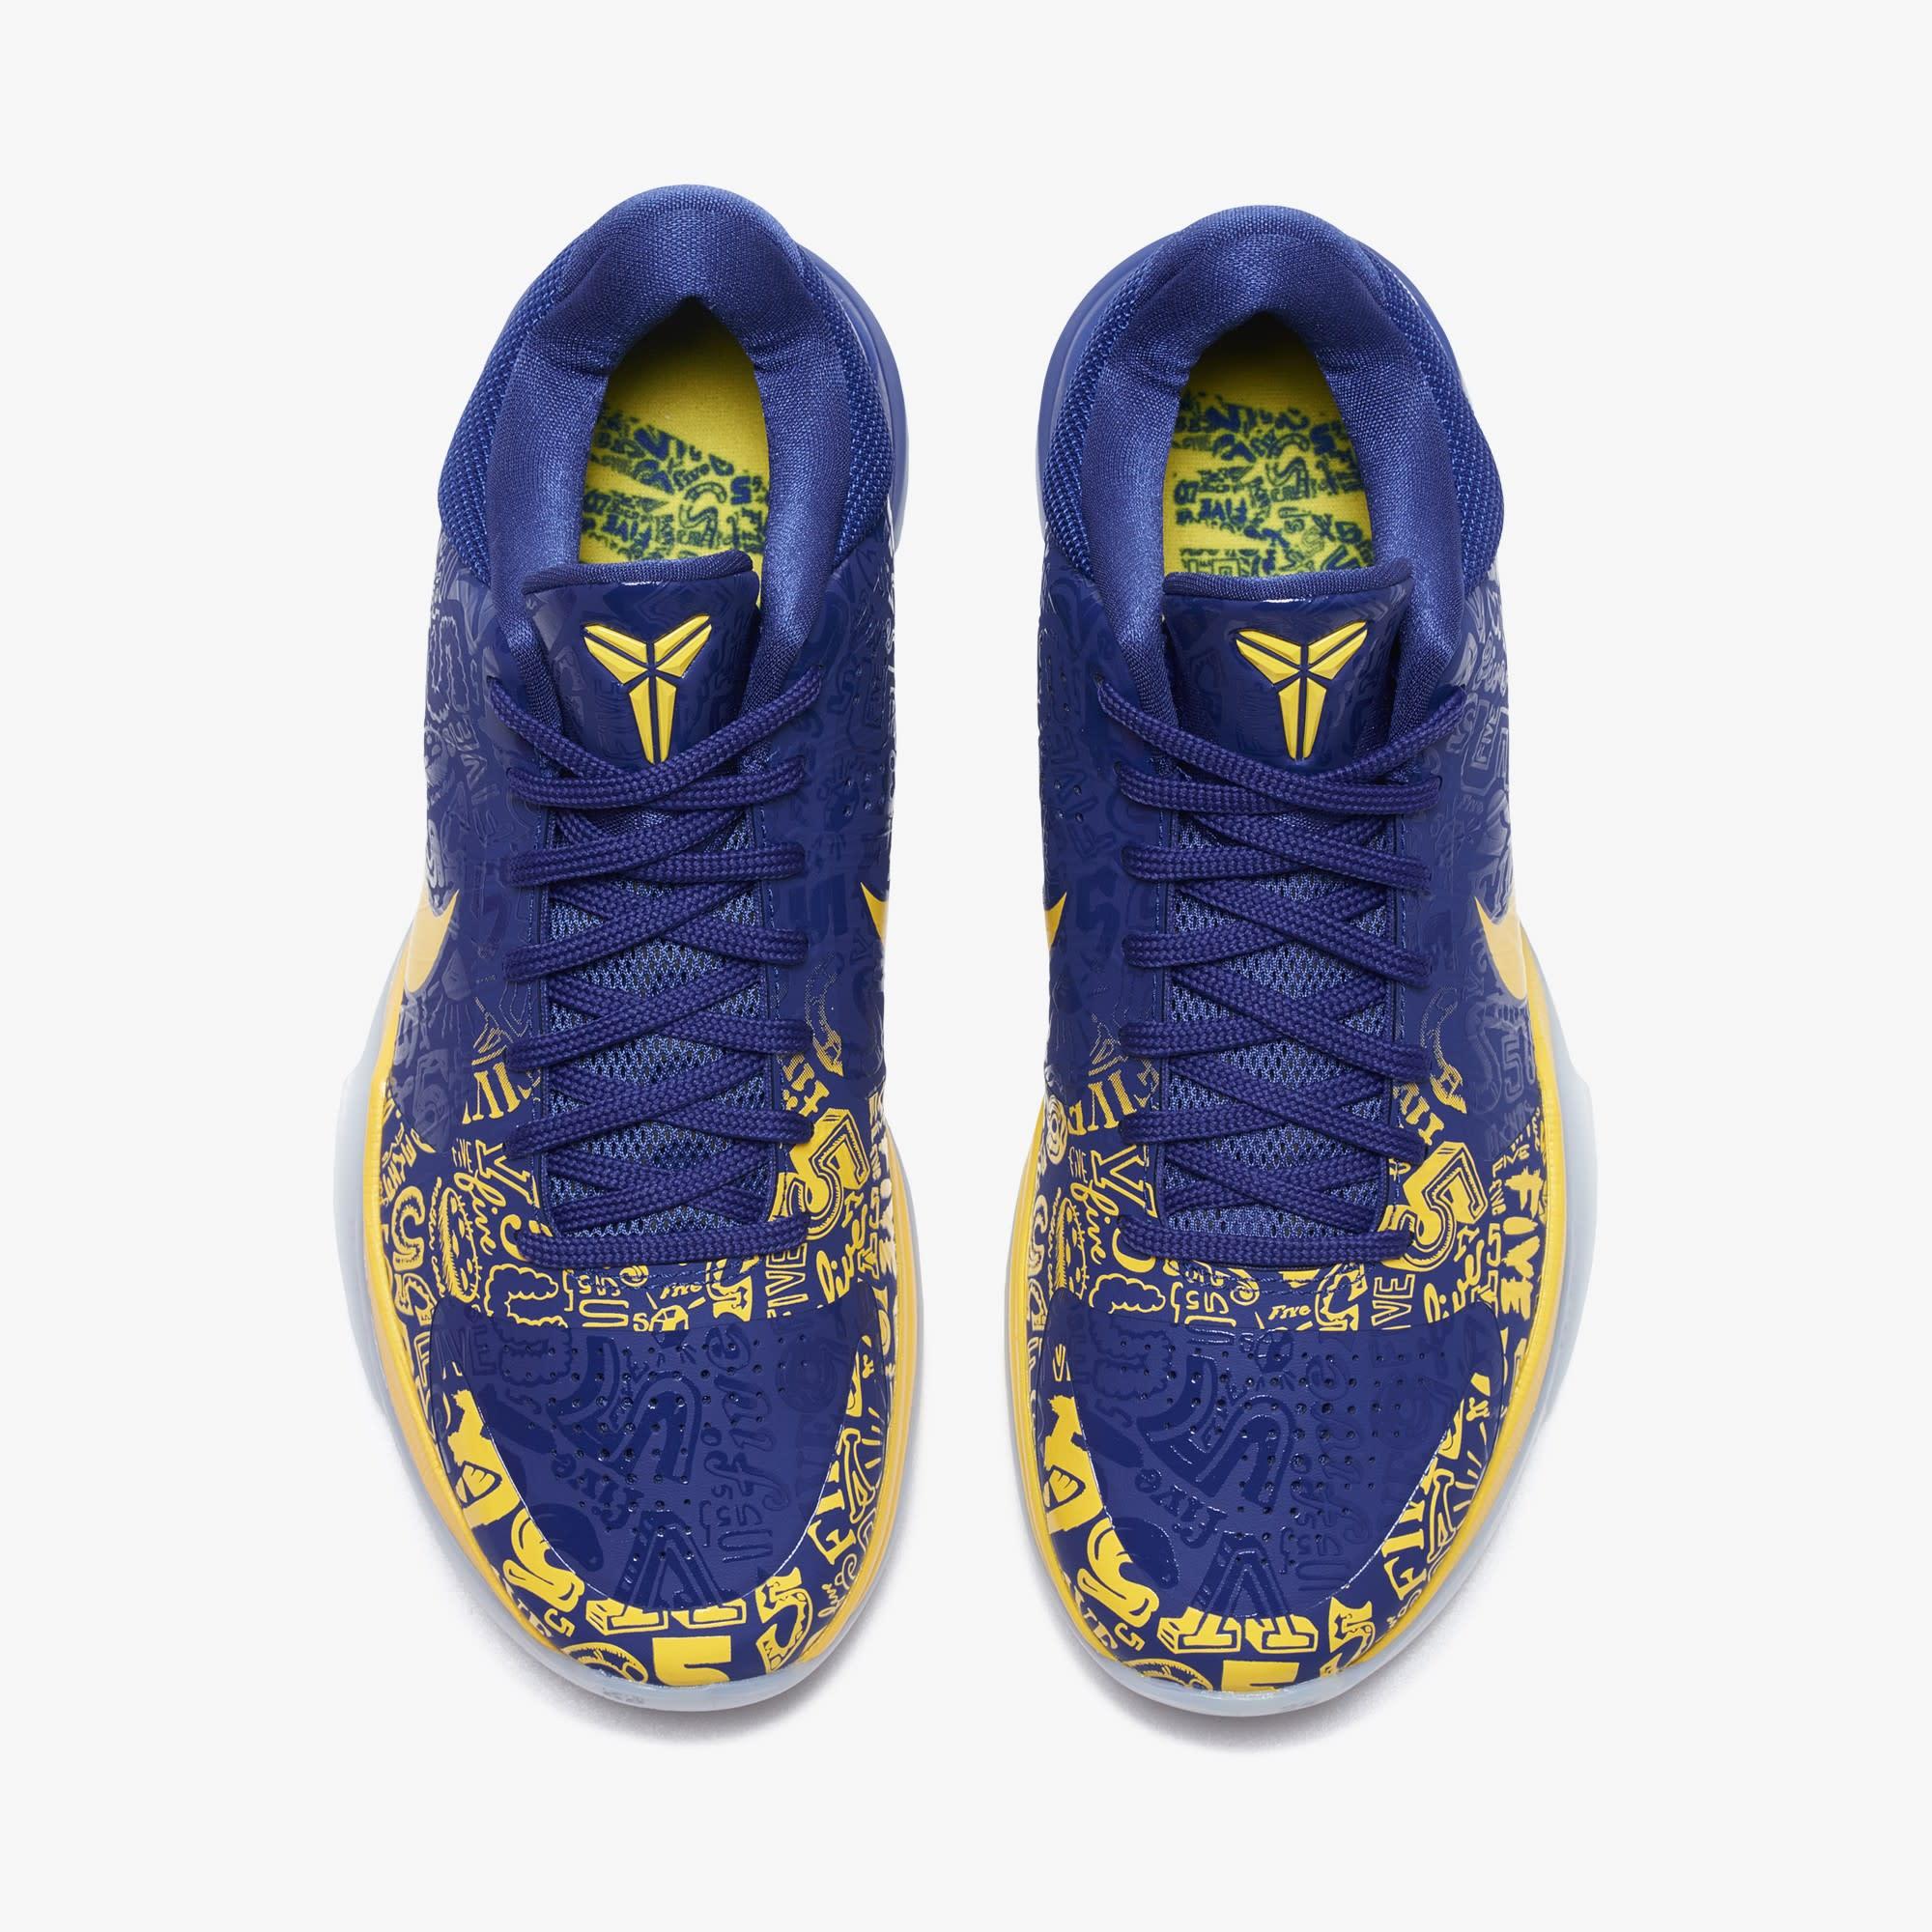 Nike Kobe 5 Protro 'Five Rings' CD4991-400 Top